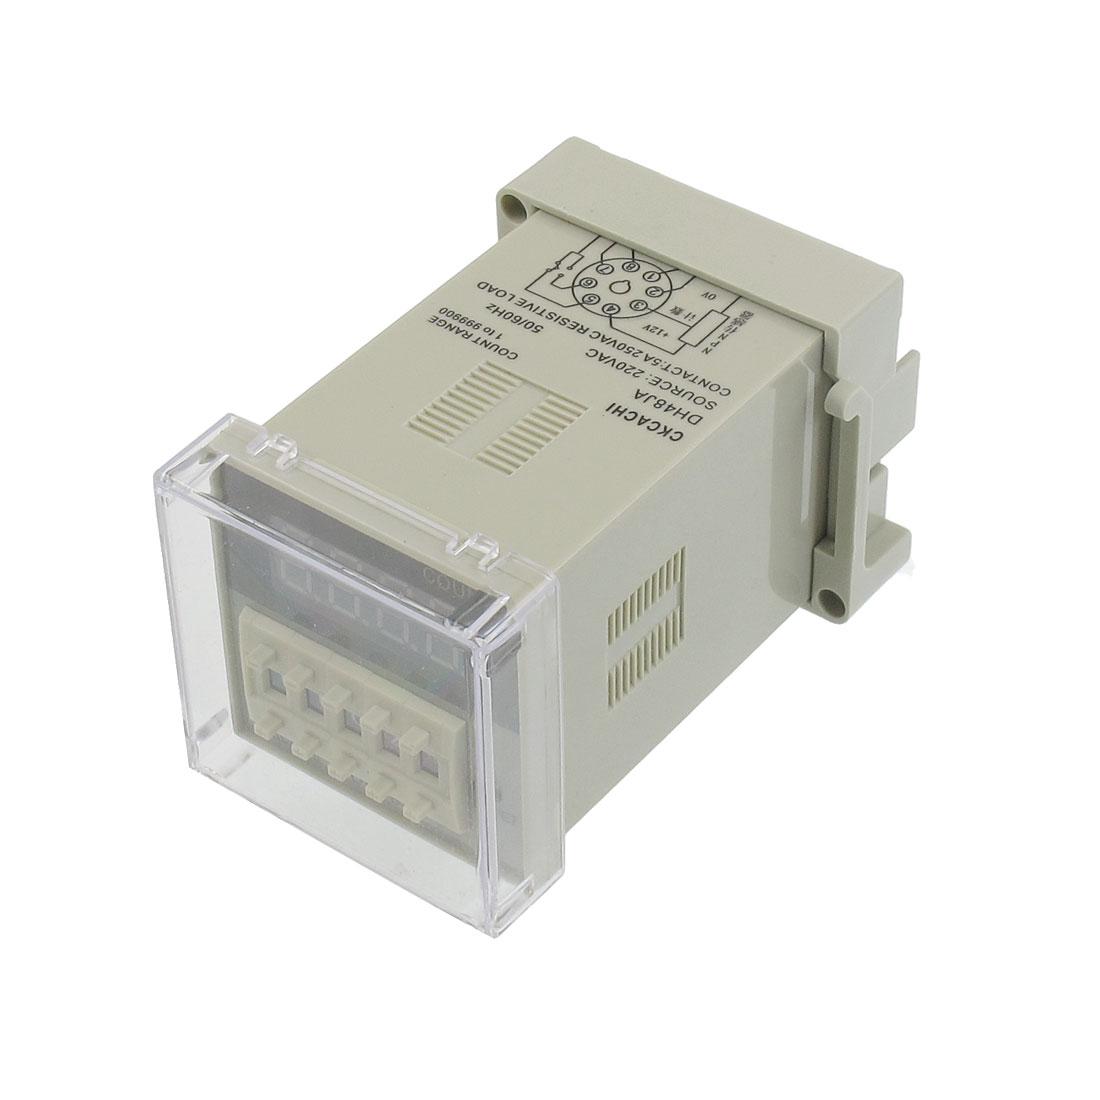 DH48JA 220VAC 1-999900 Count Range 8 Pins Digital Counter Relay